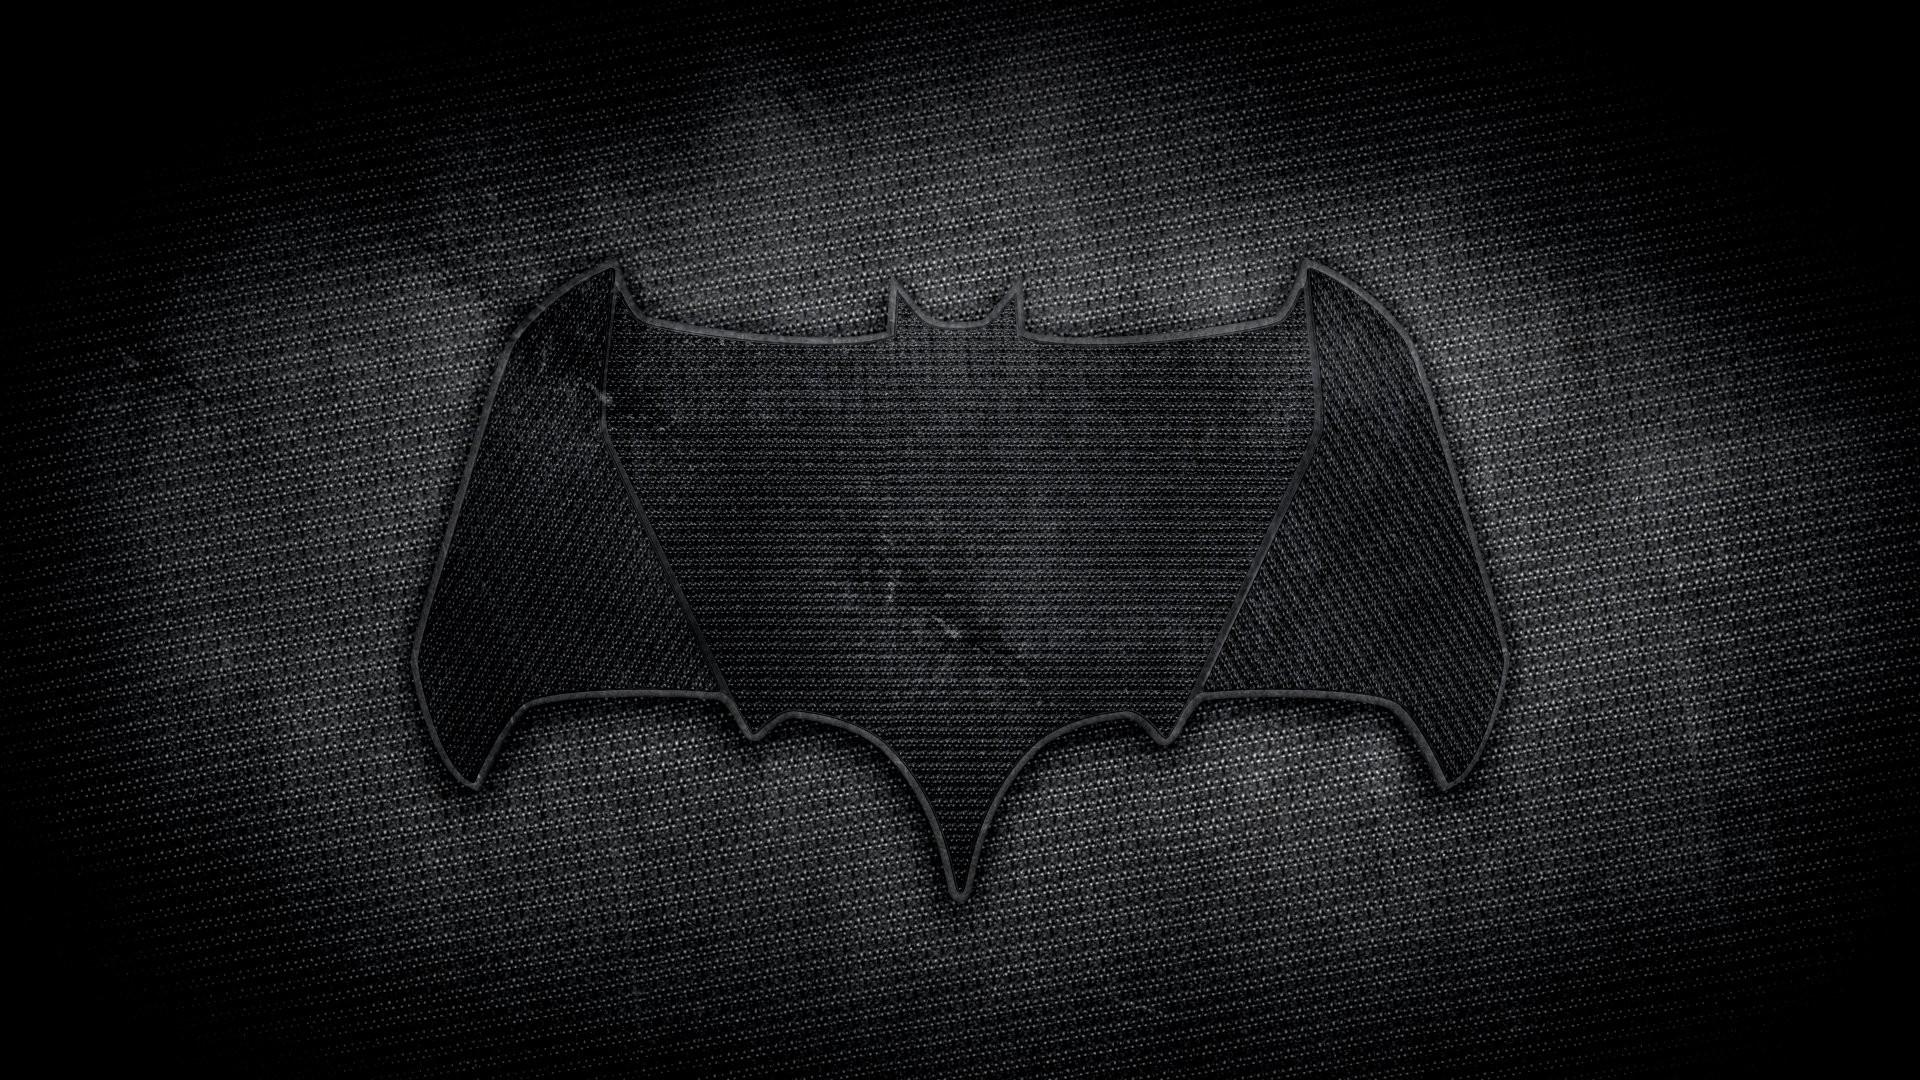 Bat Symbol Wallpaper 63 Pictures